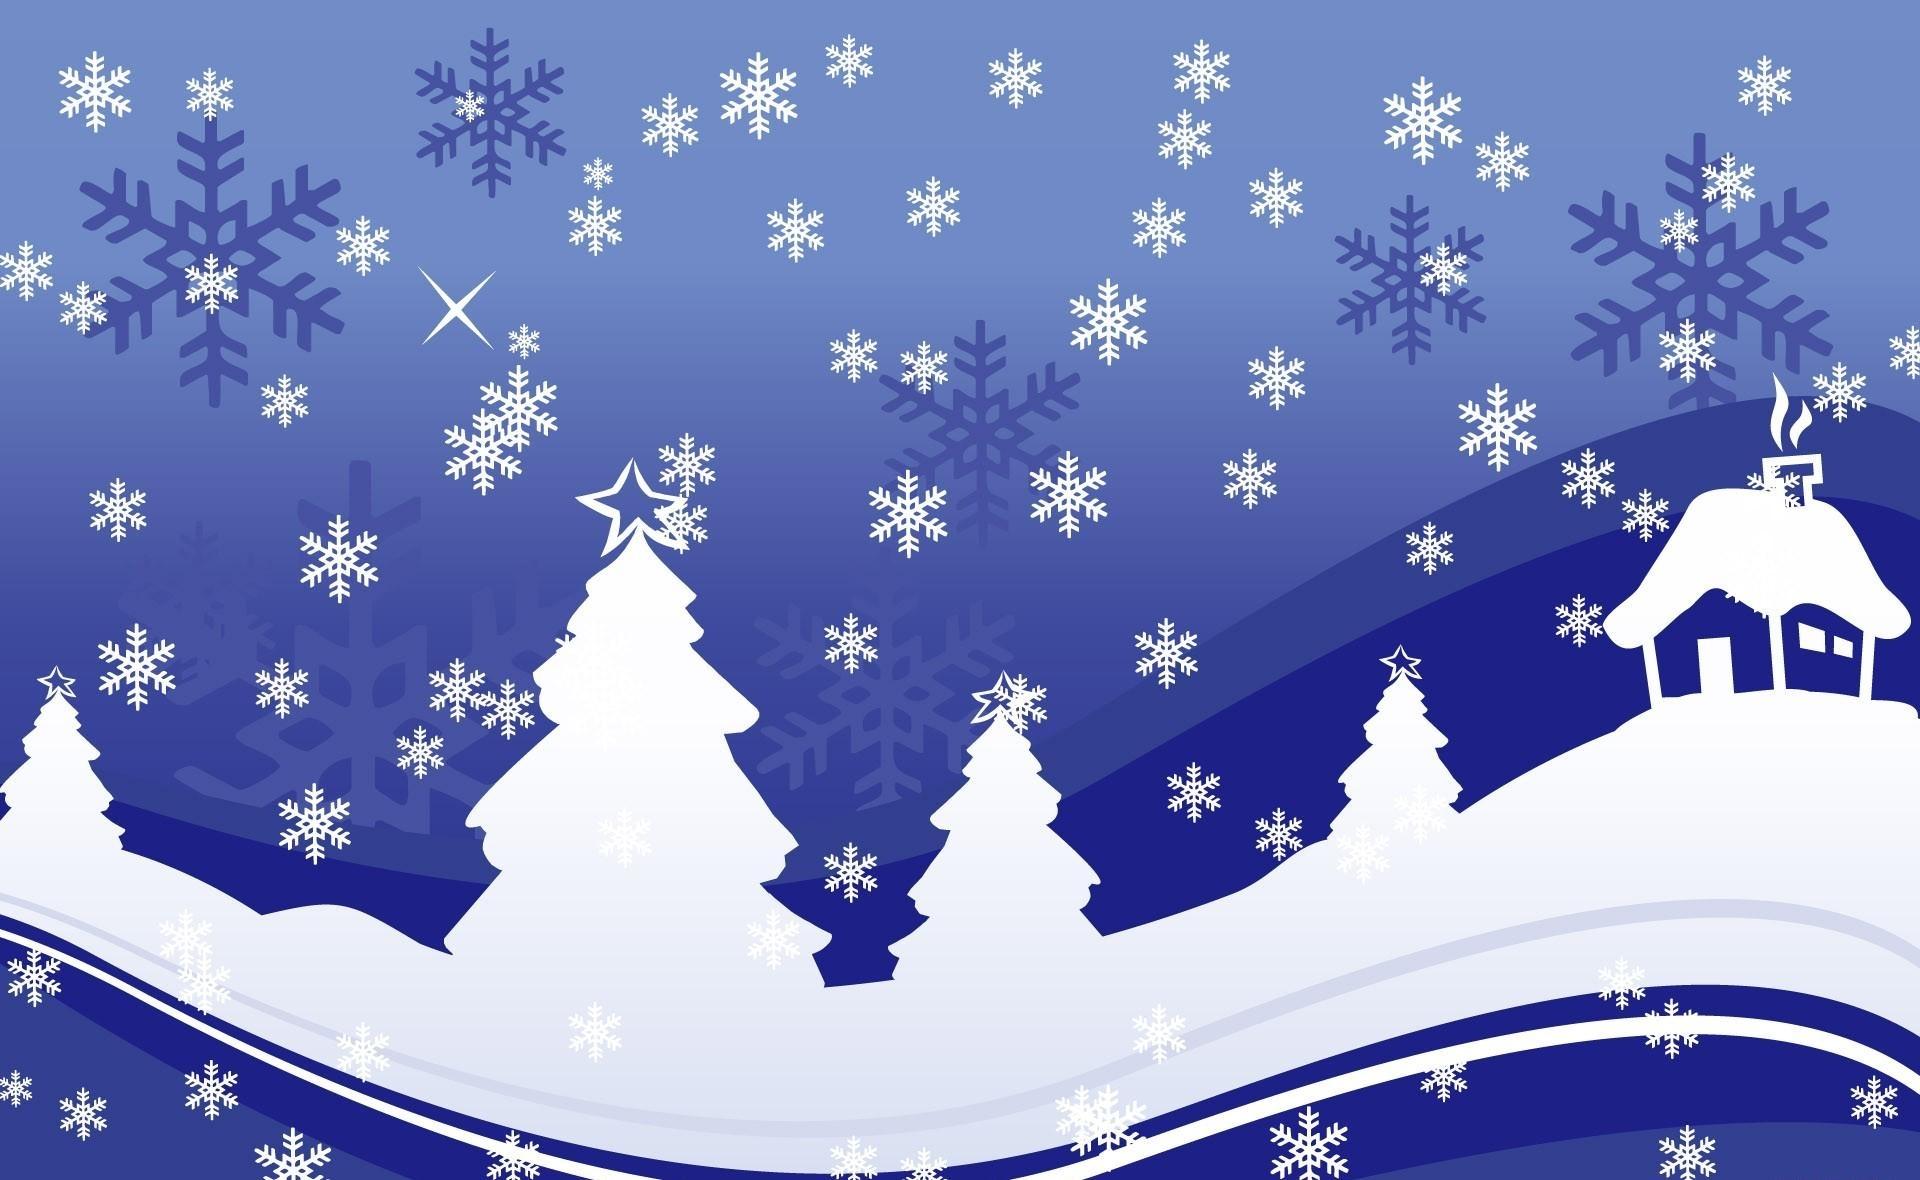 елки, дом, снежинки